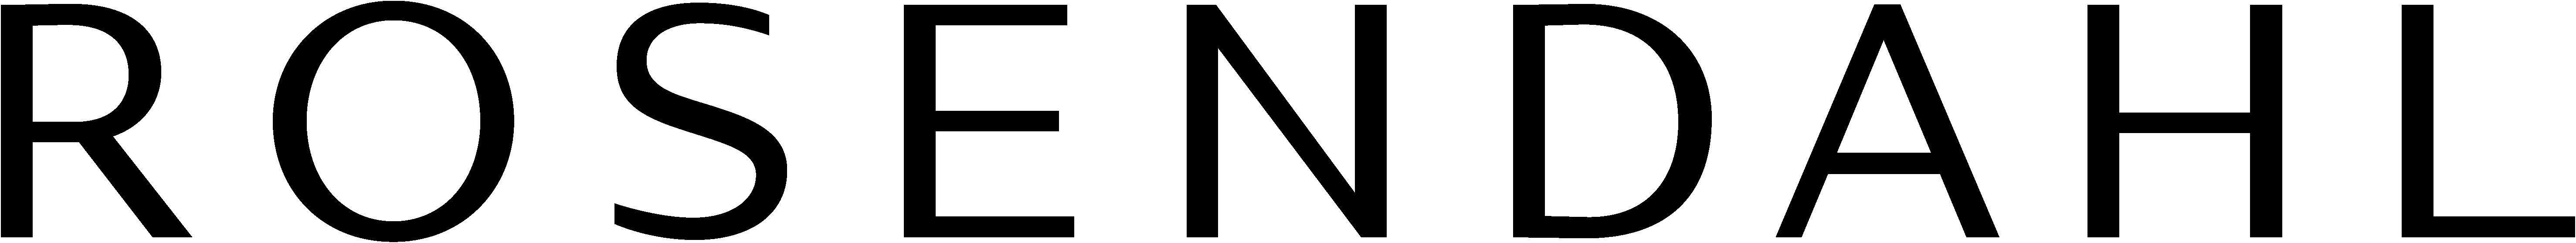 ROSENDAHL logo